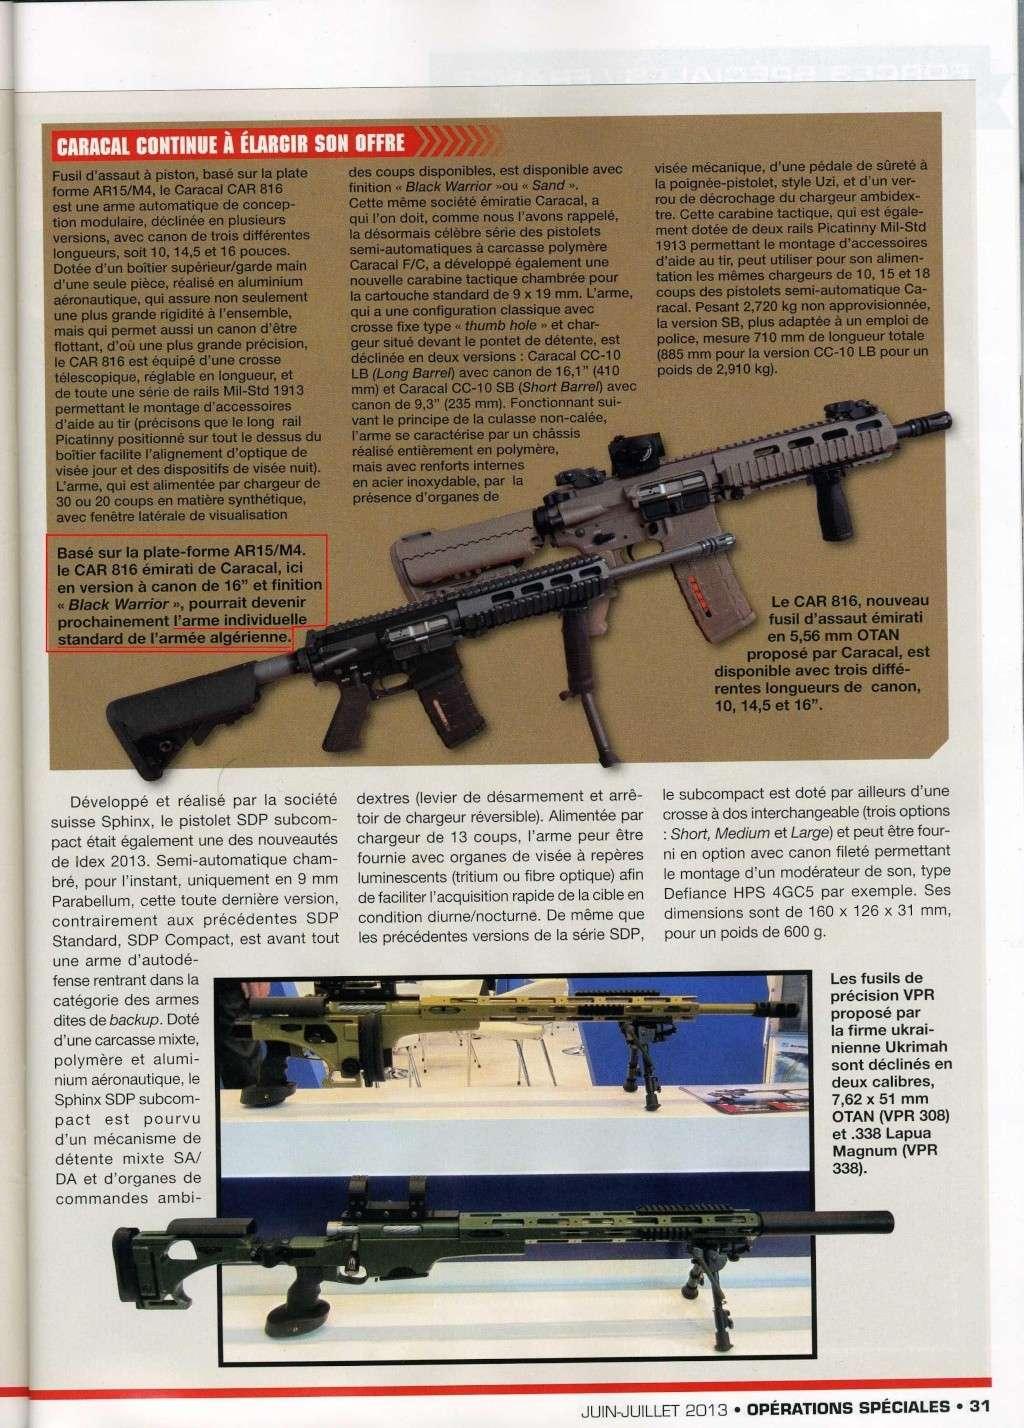 Balasan dari Caracal perkenalkan senapan serbu baru, Caracal